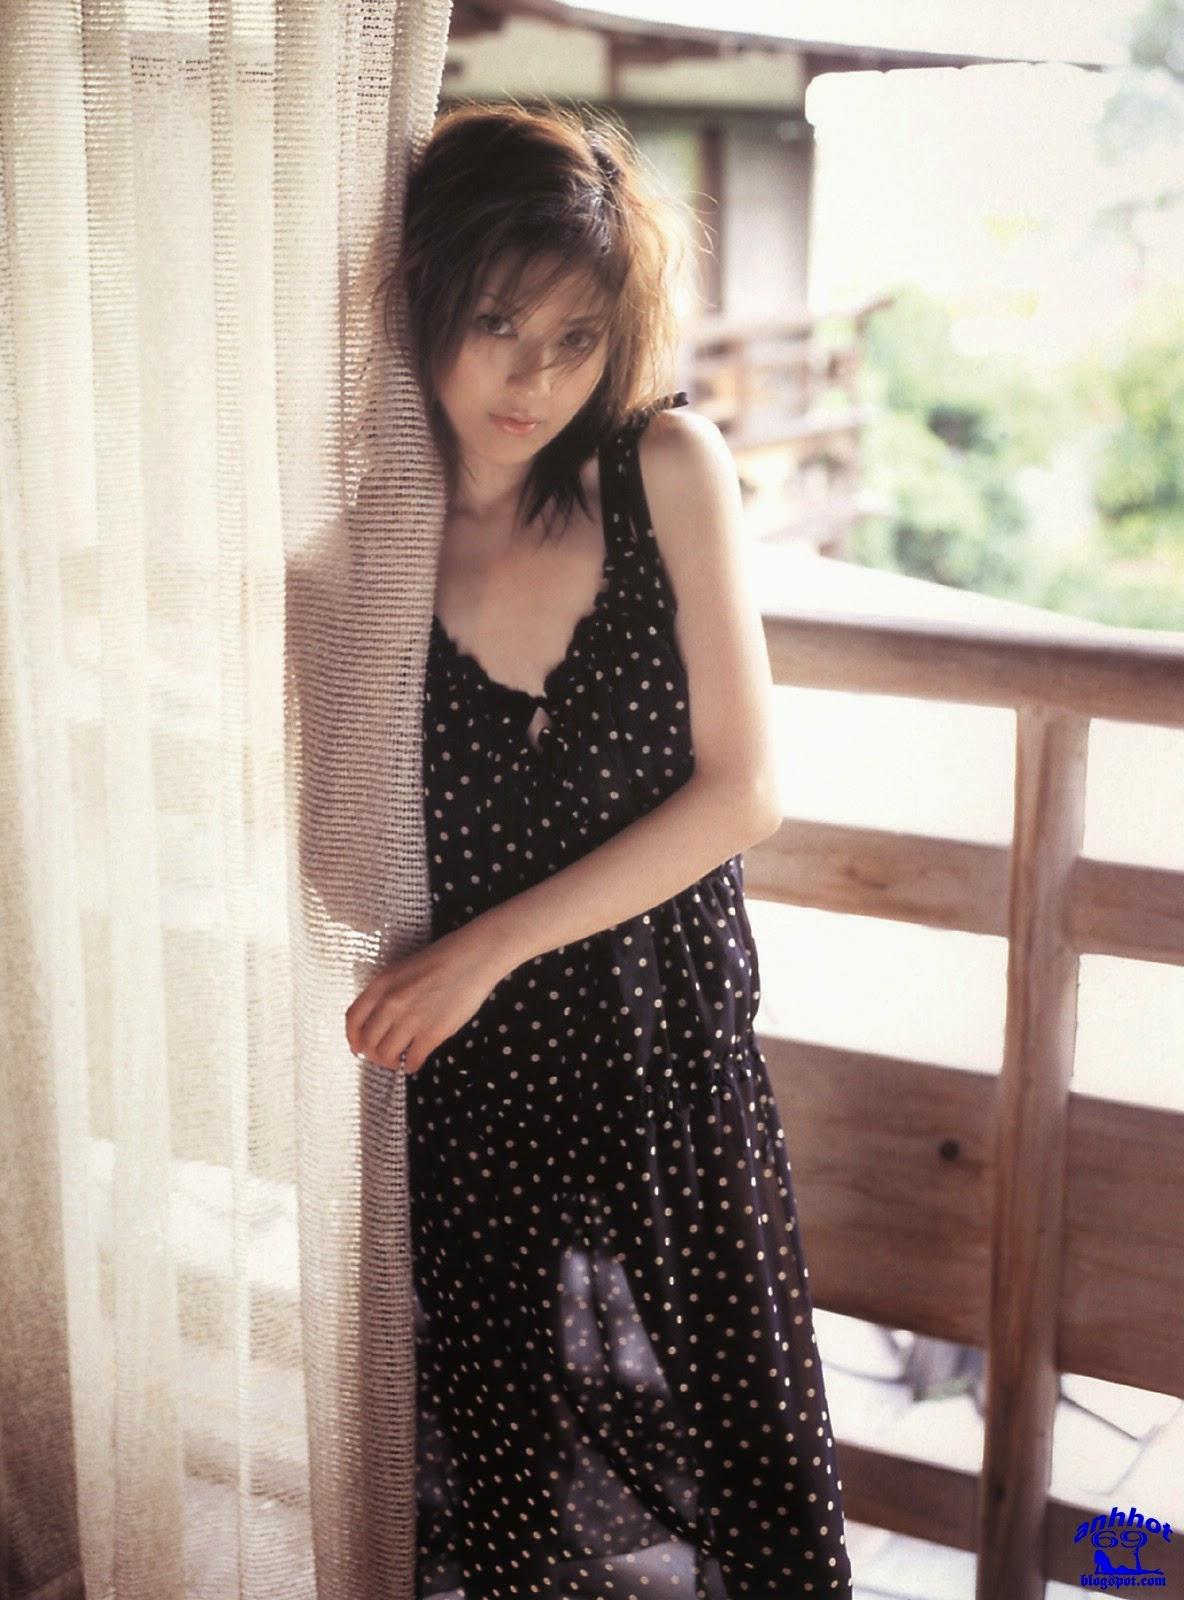 rei-yoshii-00394167